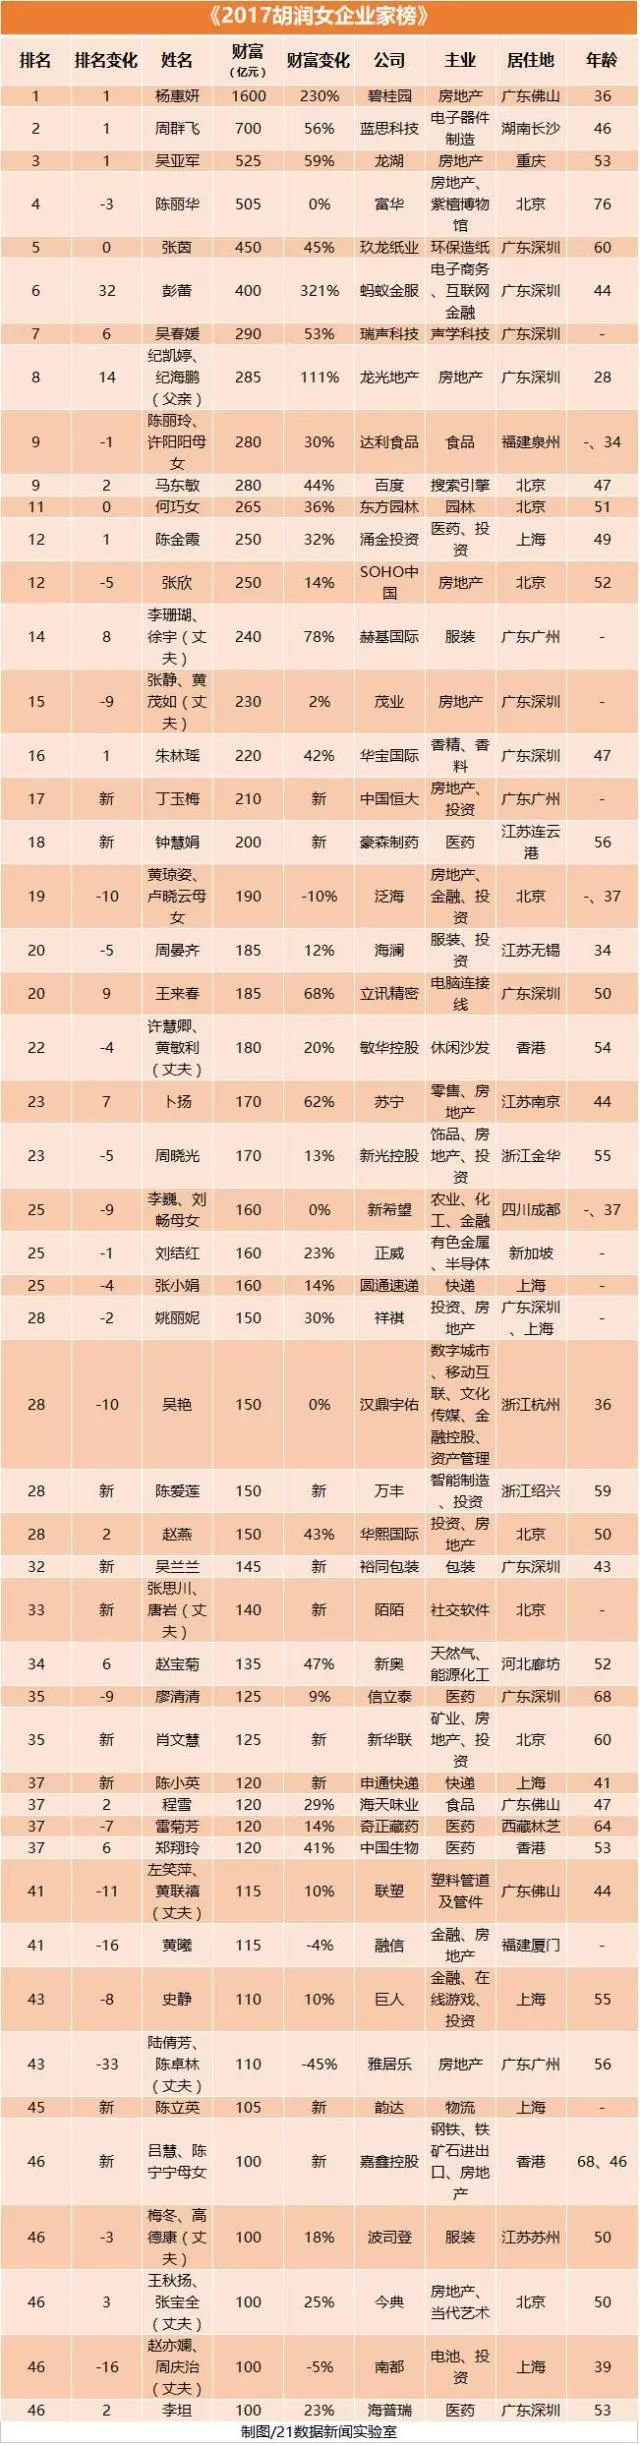 注:-对比去年排名不变 ↑对比去年排名上升 ↓对比去年排名下降 *对比去年新进入前十名